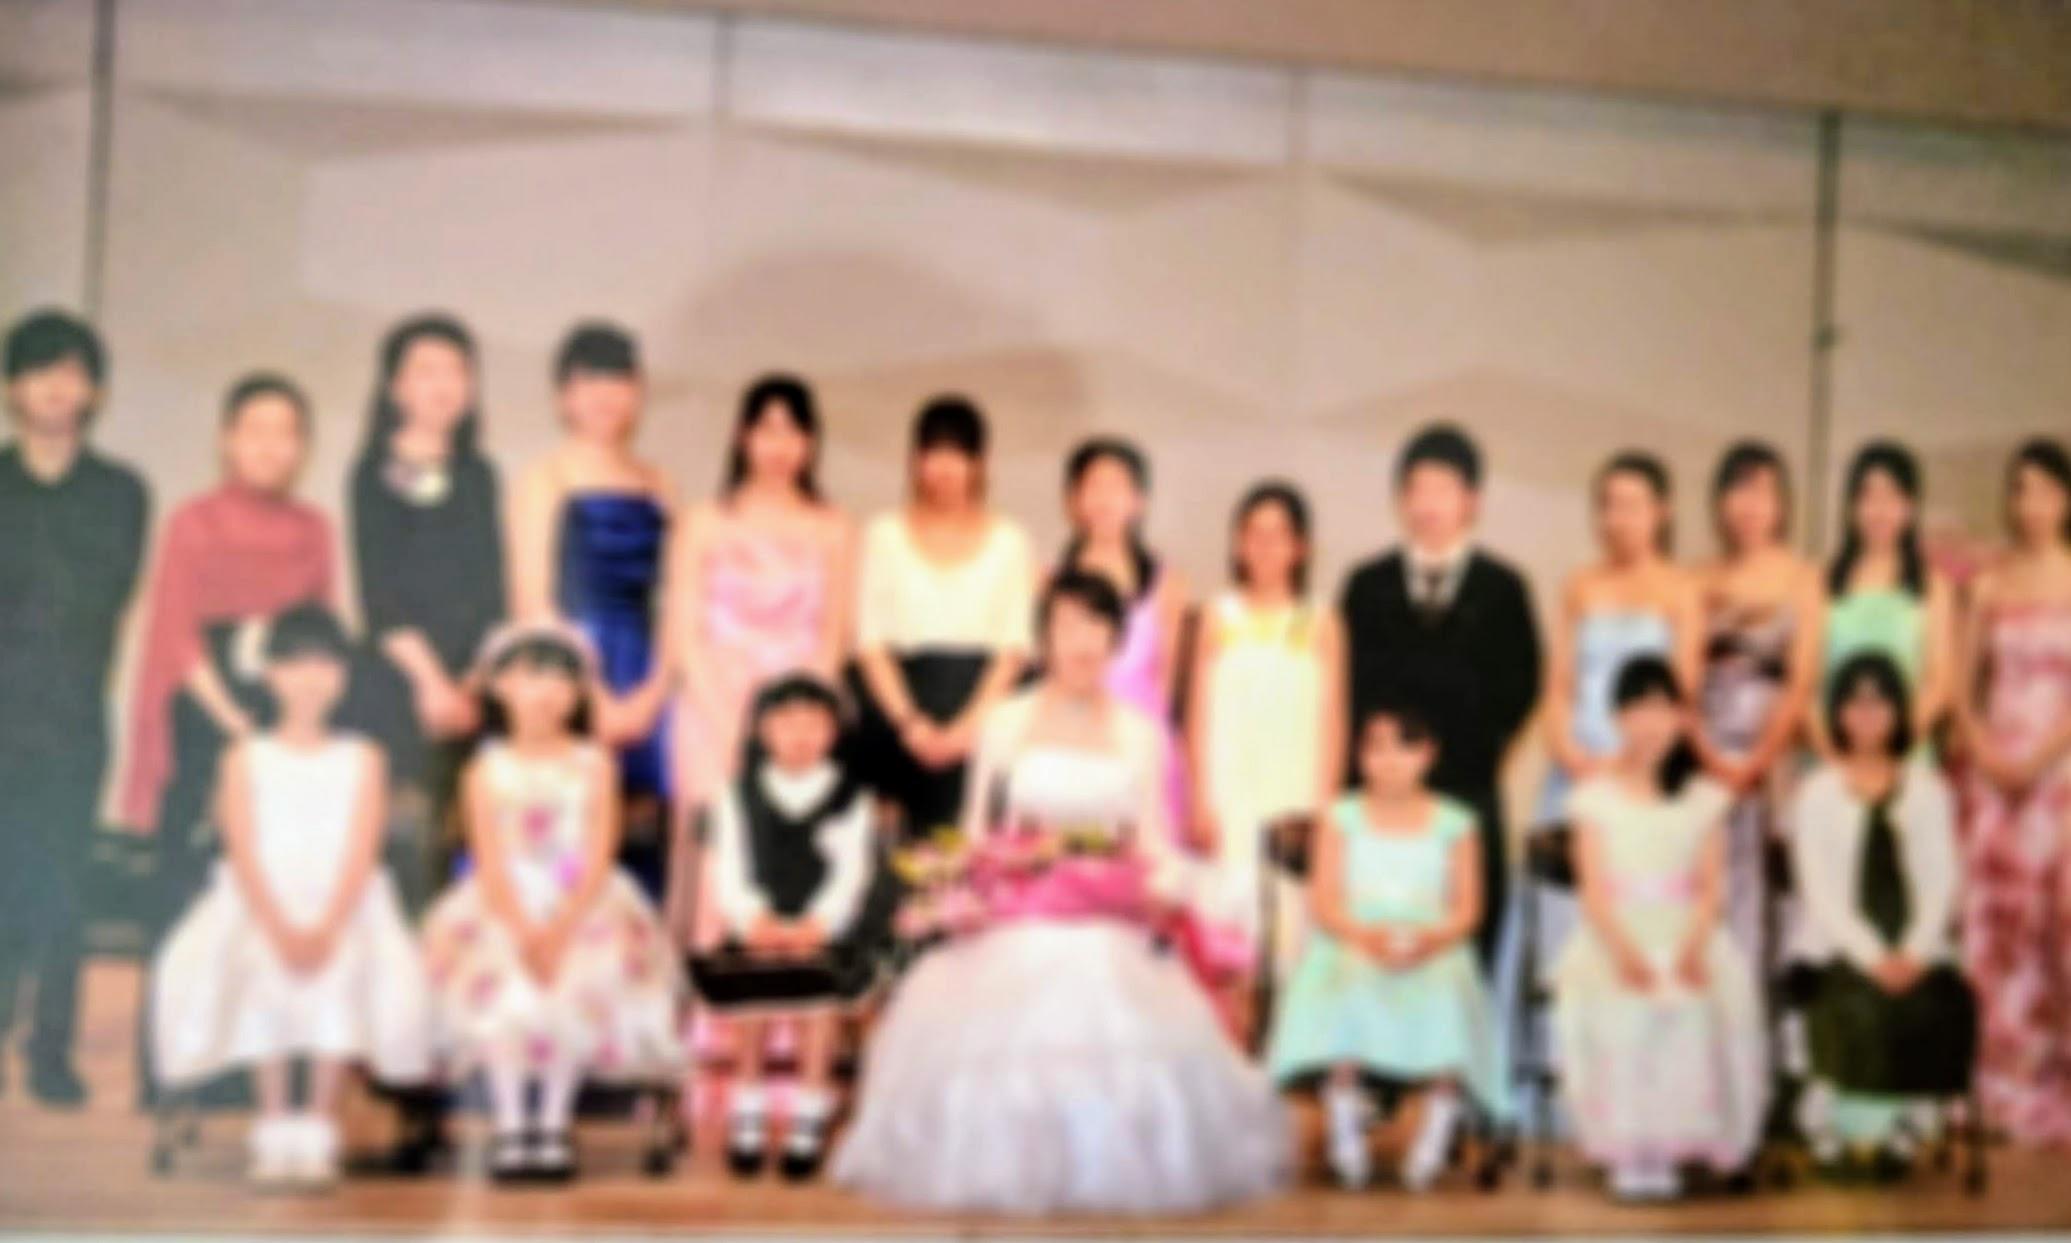 Maple音楽教室発表会♪ピアノ、リトミック、声楽、クラリネット